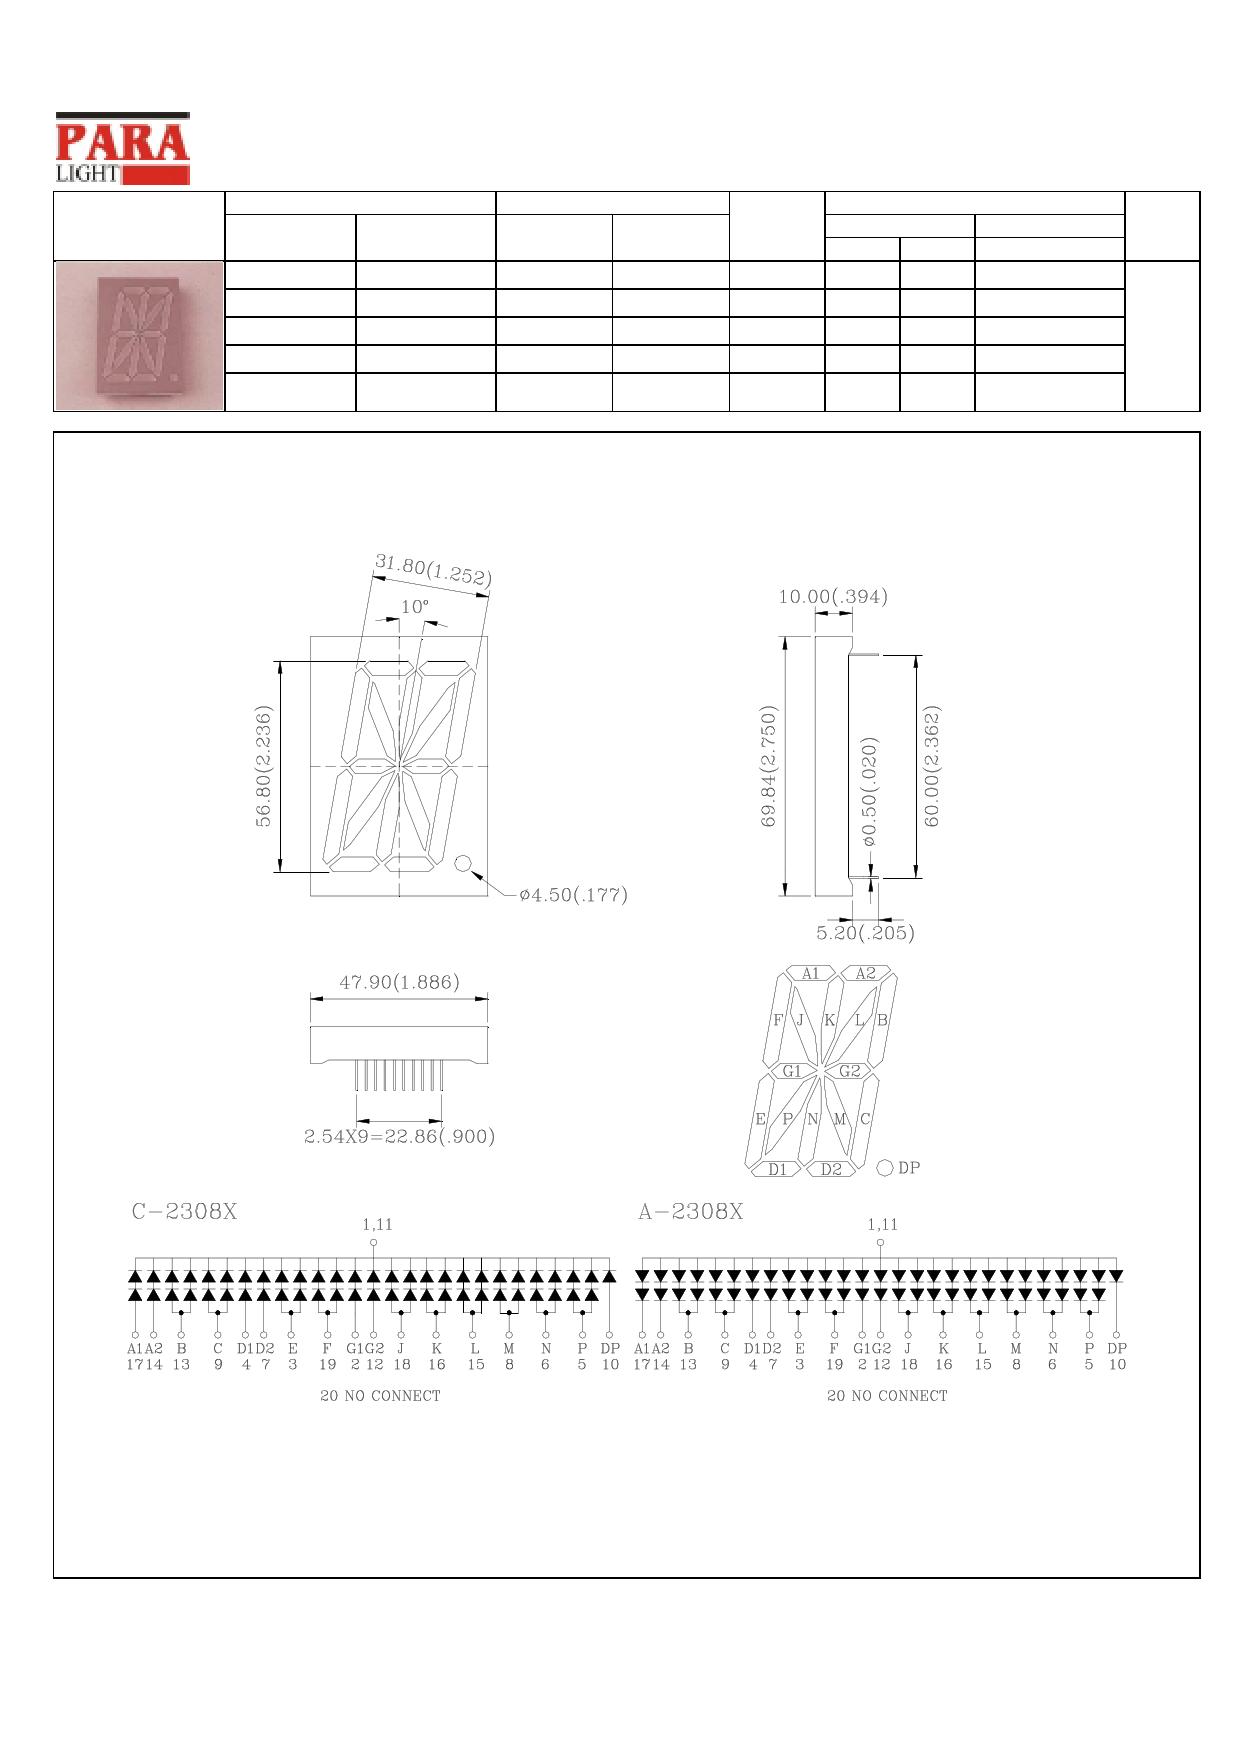 C-2308E Datenblatt PDF